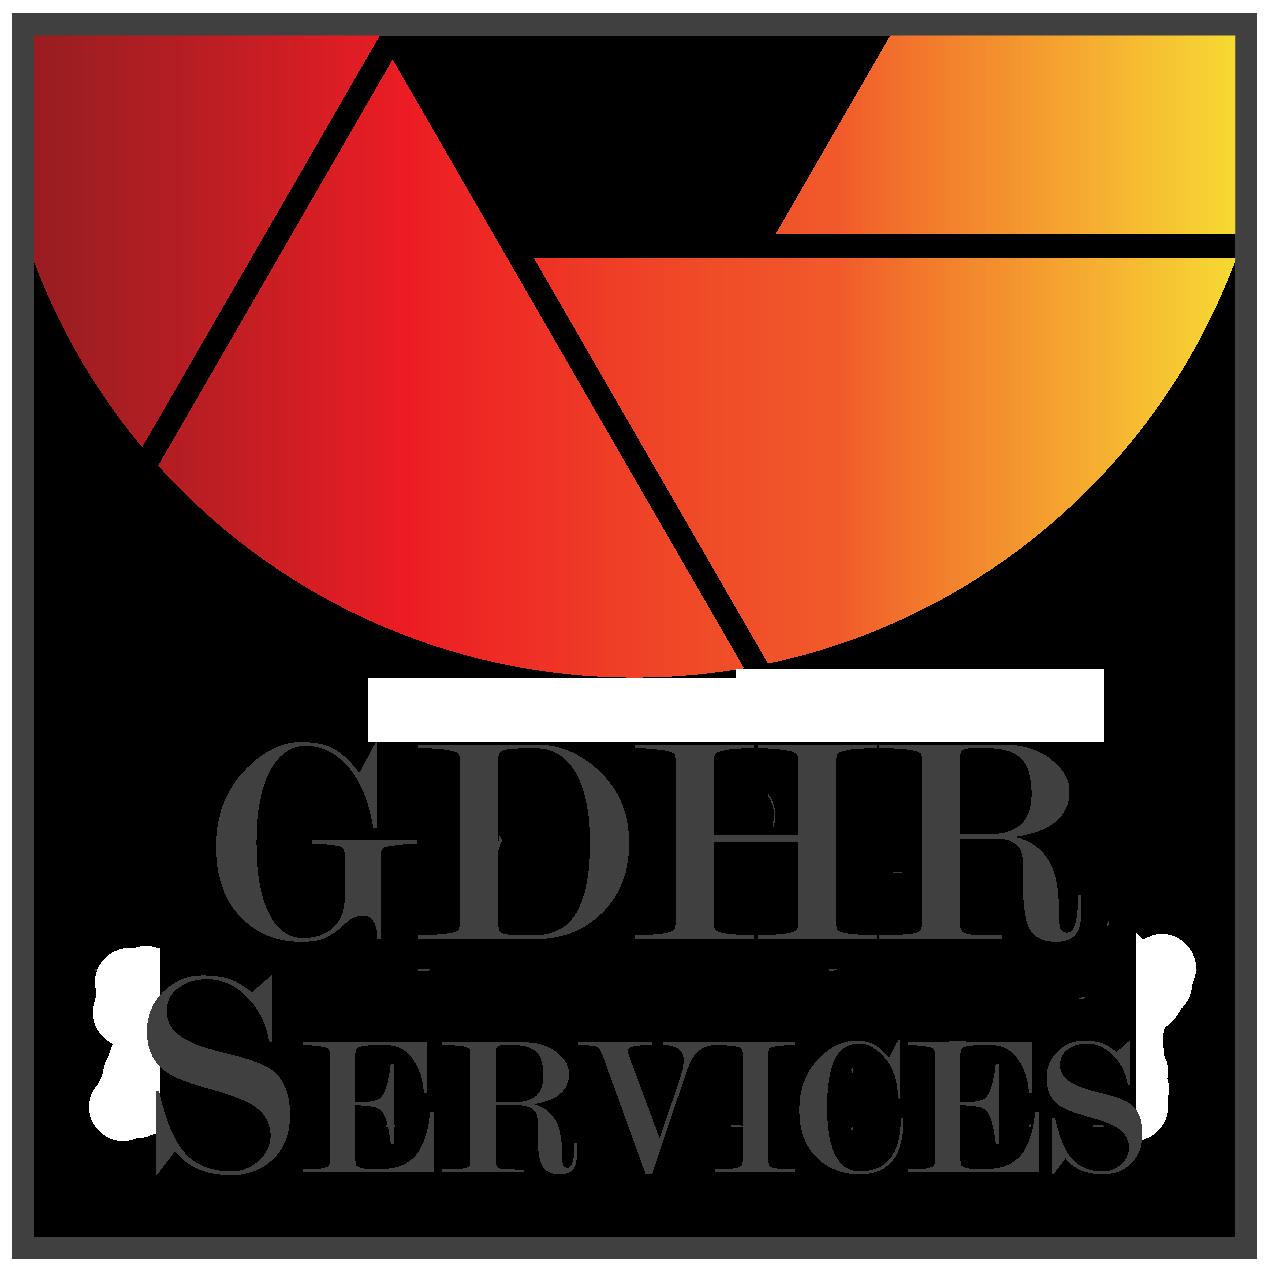 GDHR Services